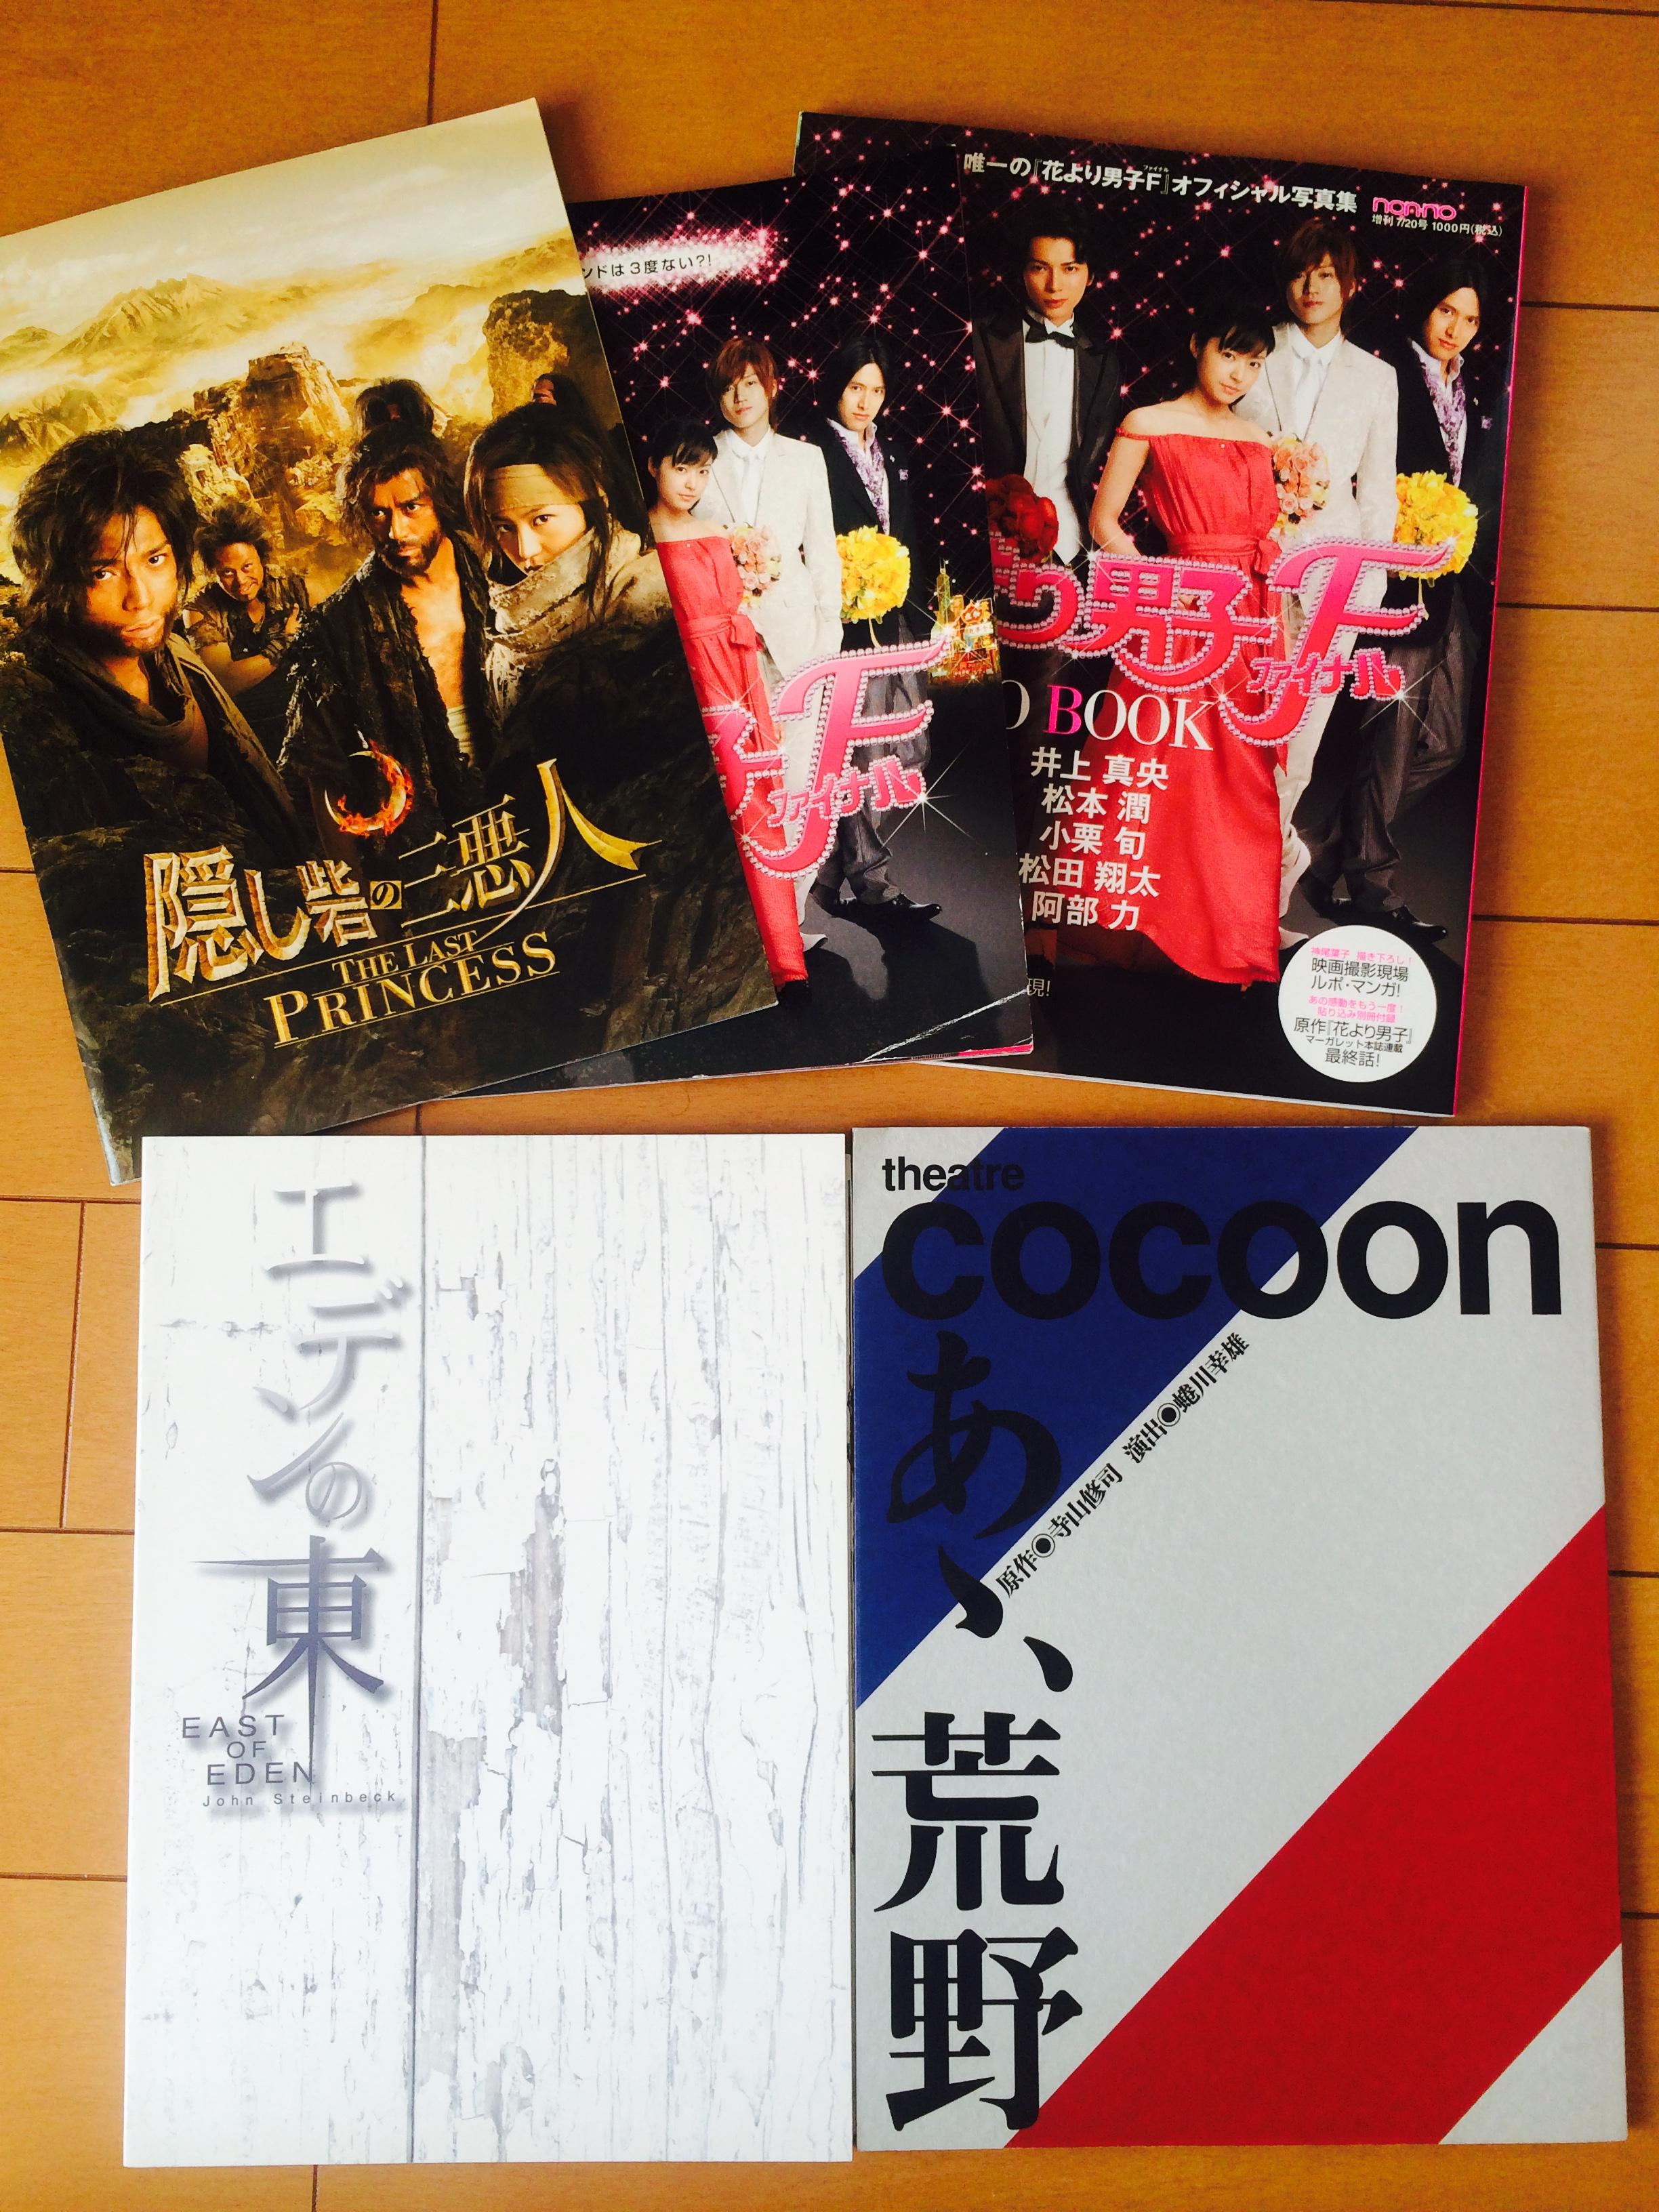 嵐★松本潤★舞台・映画パンフレット5冊セット※花男F、エデンの東など